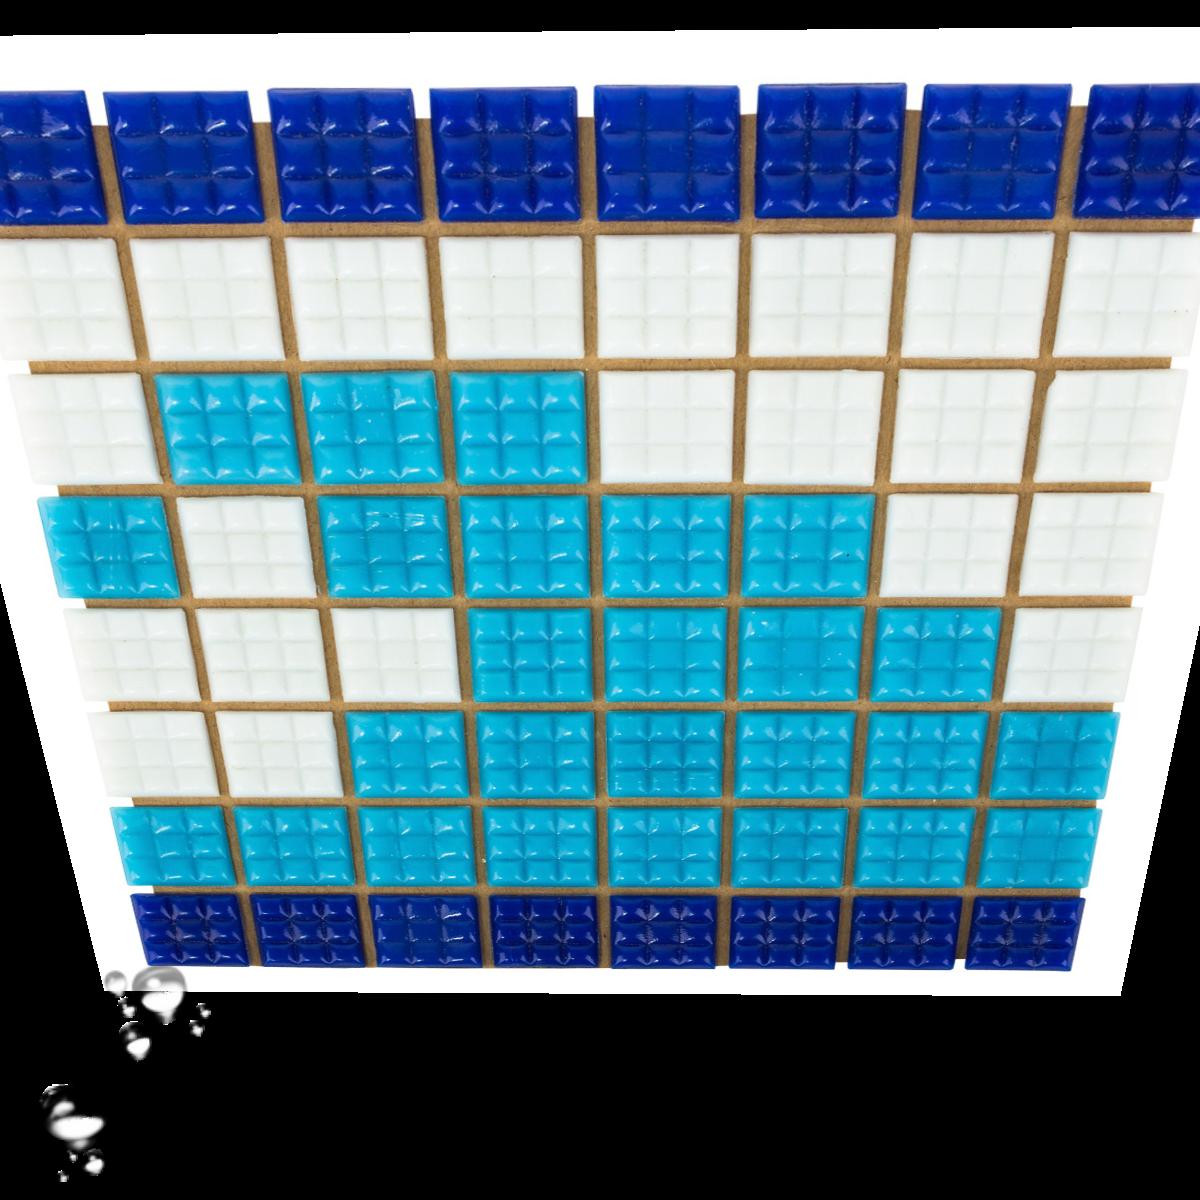 Фриз Волна из стеклянной мозаики Aquaviva U-37 для бассейна, бани, СПА